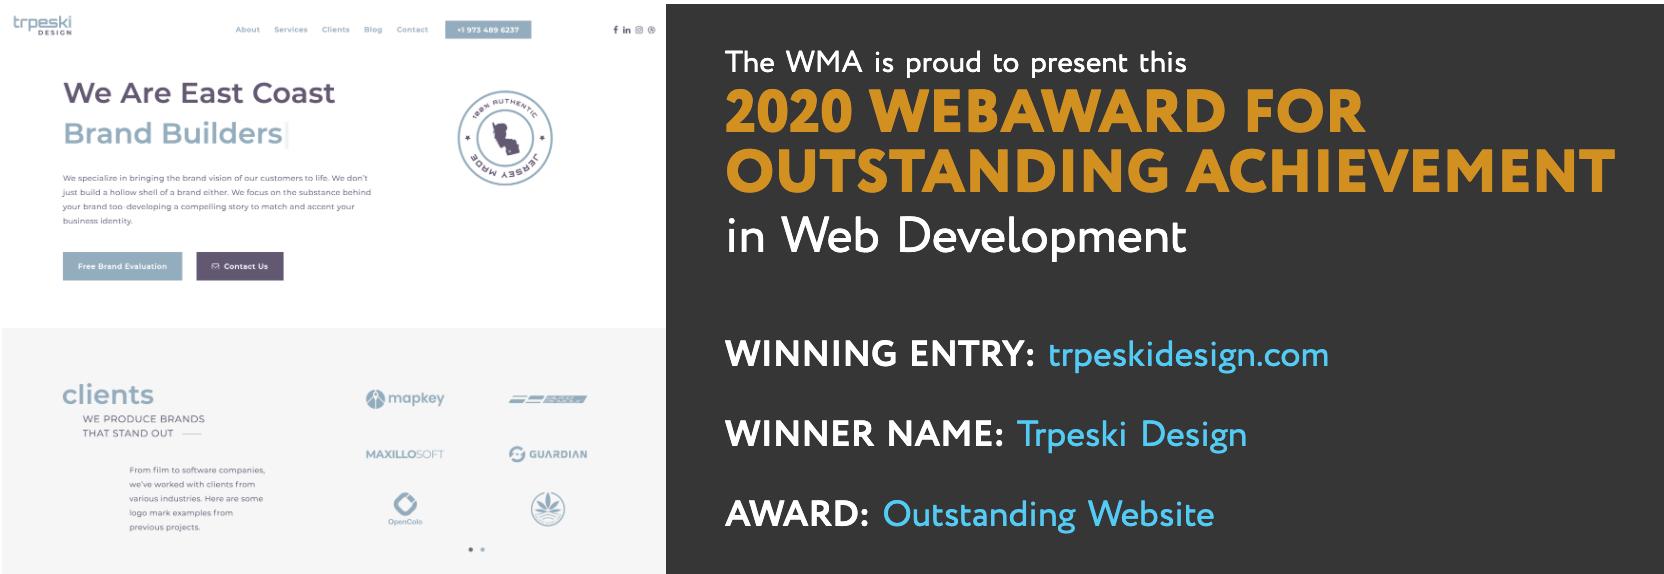 Outstanding Website